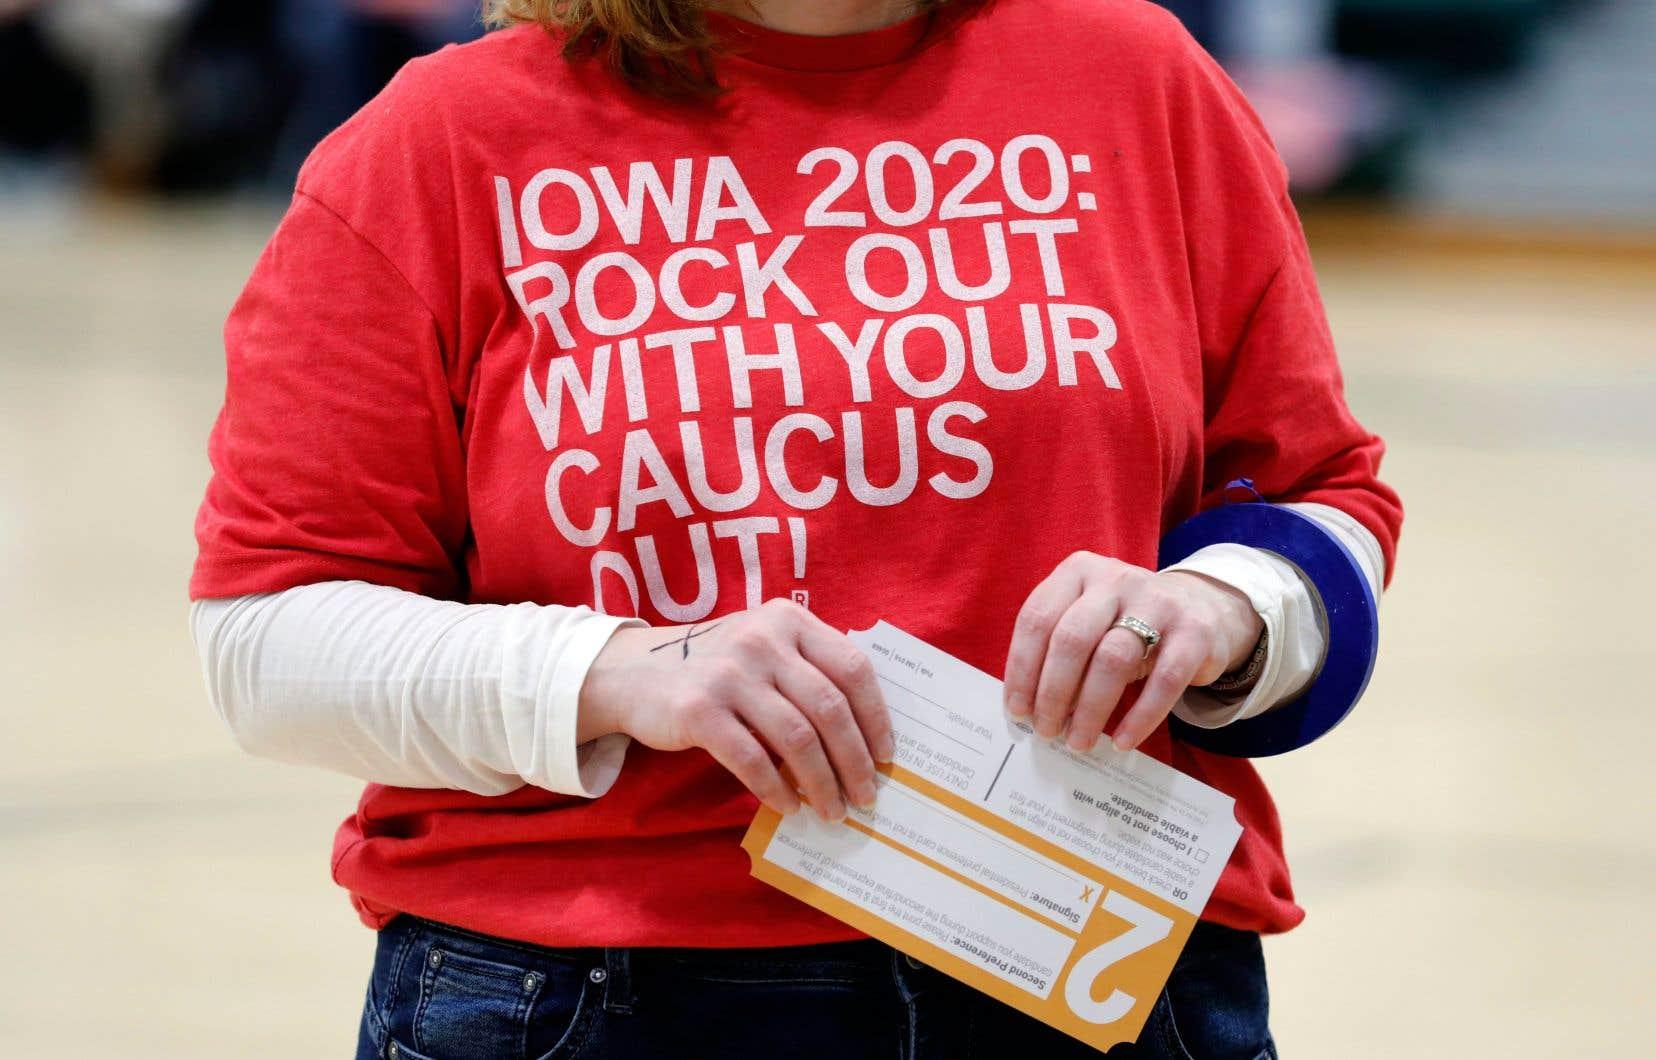 Une électrice de l'Iowa tient son bulletin de vote entre ses mains, en attendant de se rendre dans l'isoloir.